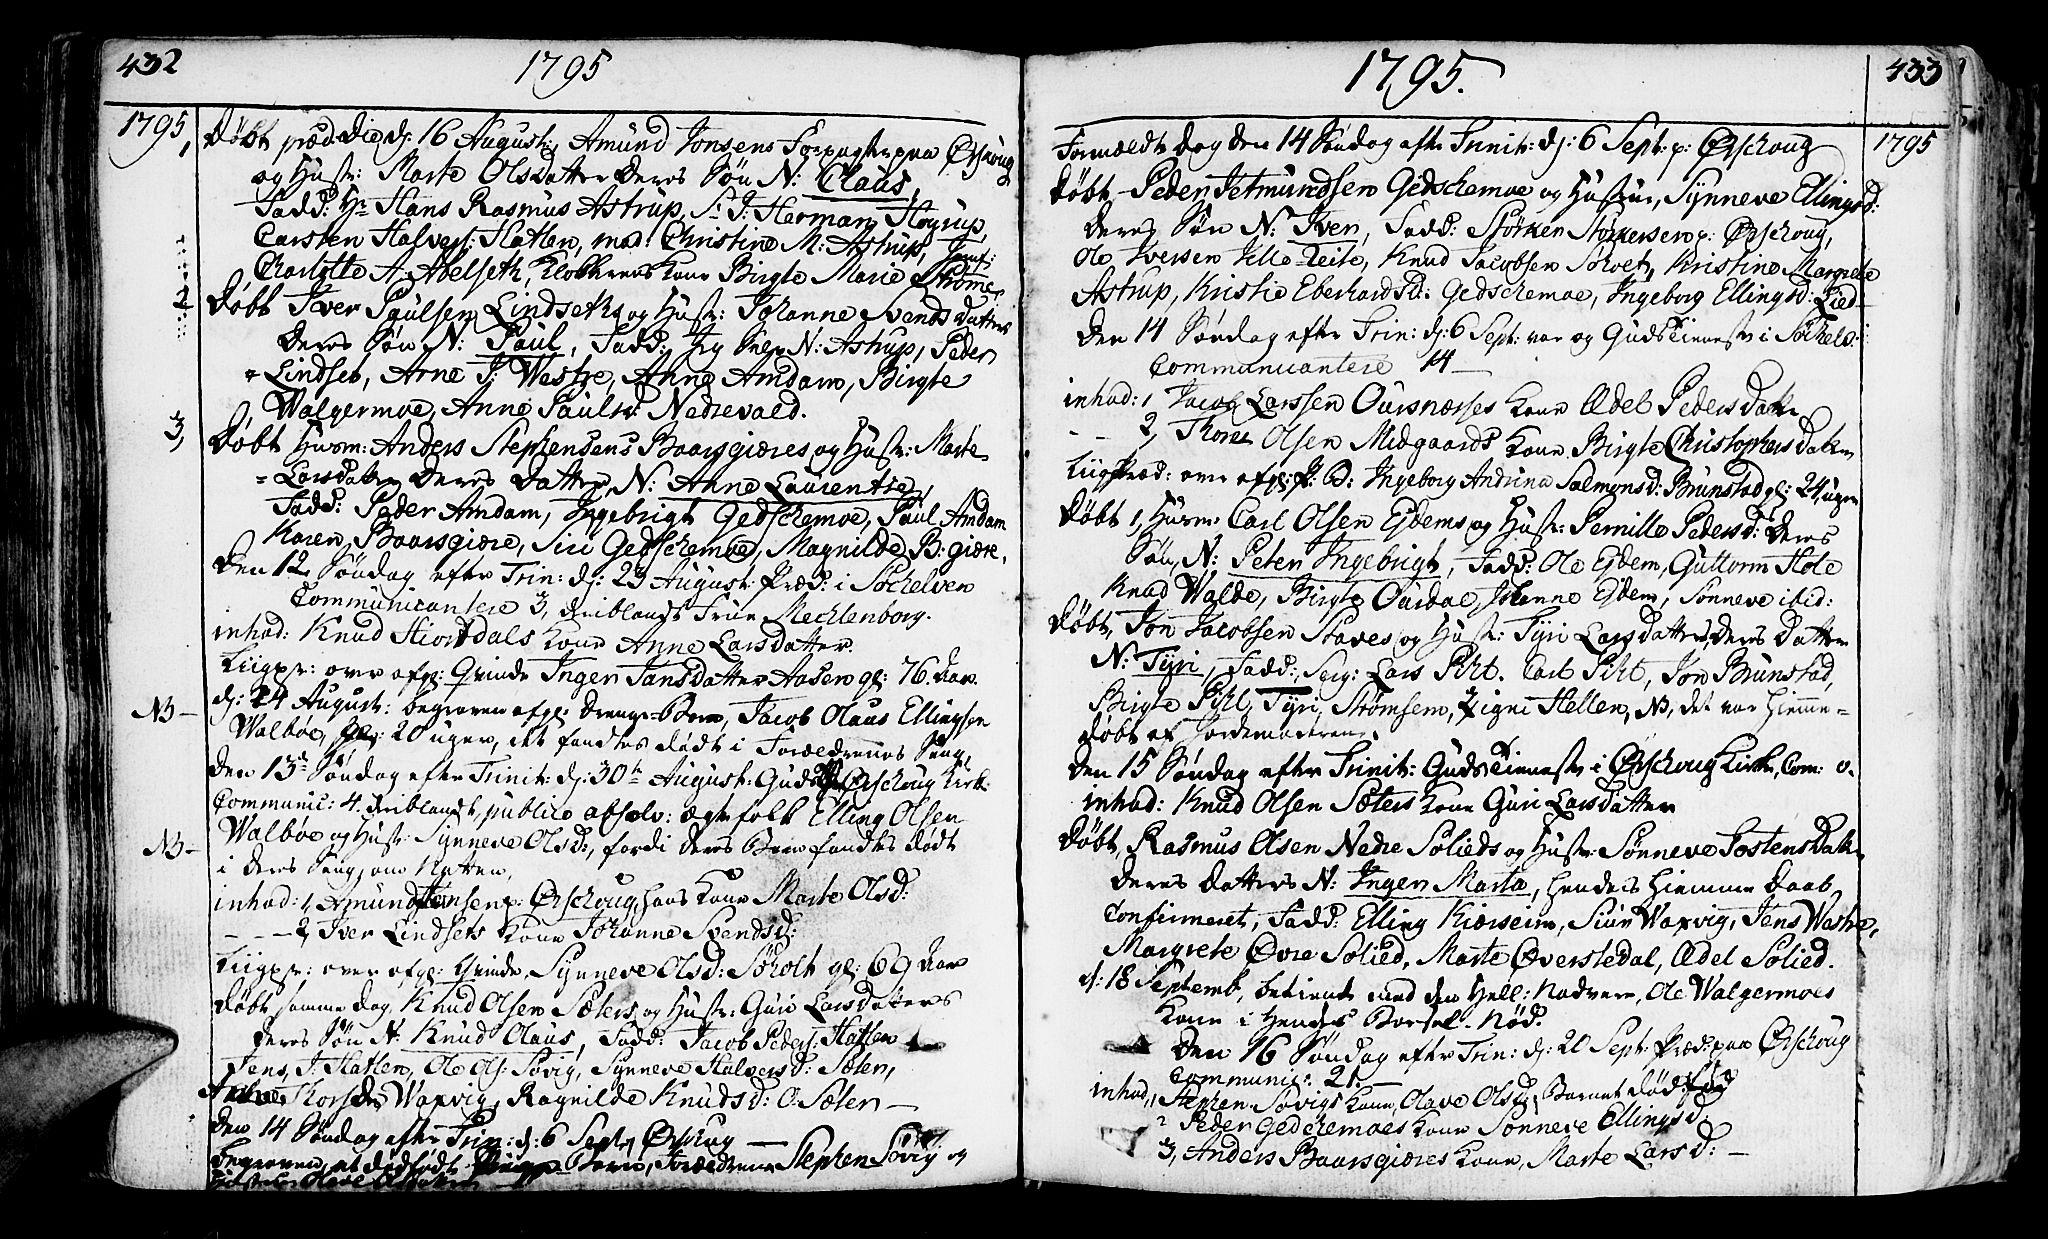 SAT, Ministerialprotokoller, klokkerbøker og fødselsregistre - Møre og Romsdal, 522/L0308: Ministerialbok nr. 522A03, 1773-1809, s. 432-433